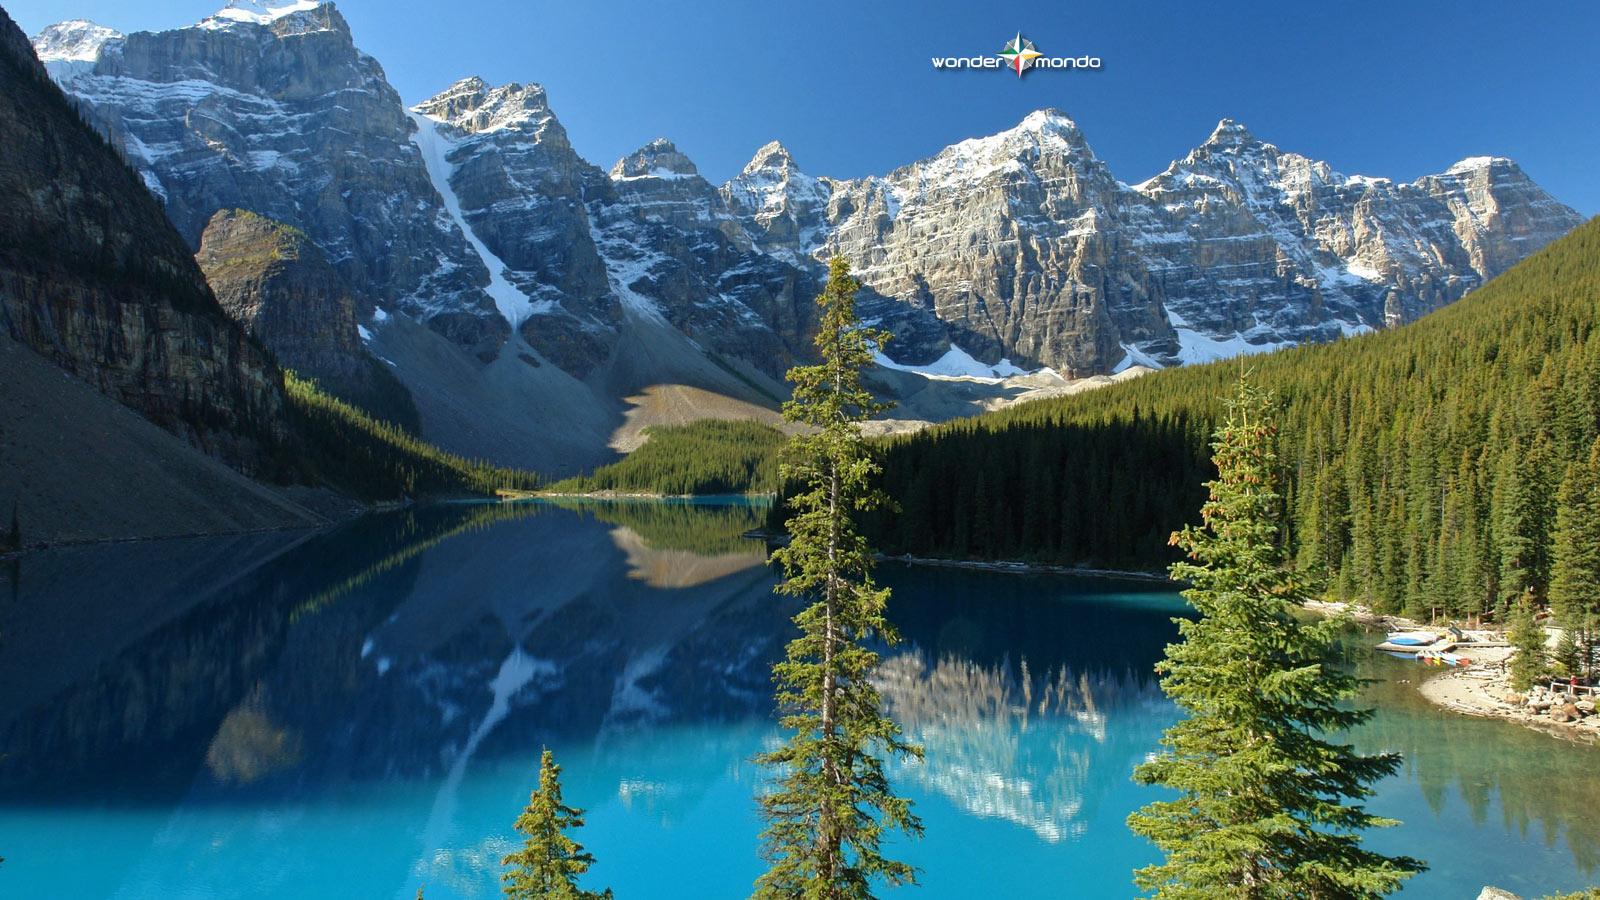 Wallpaper with Moraine Lake Canada Wondermondo 1600x900